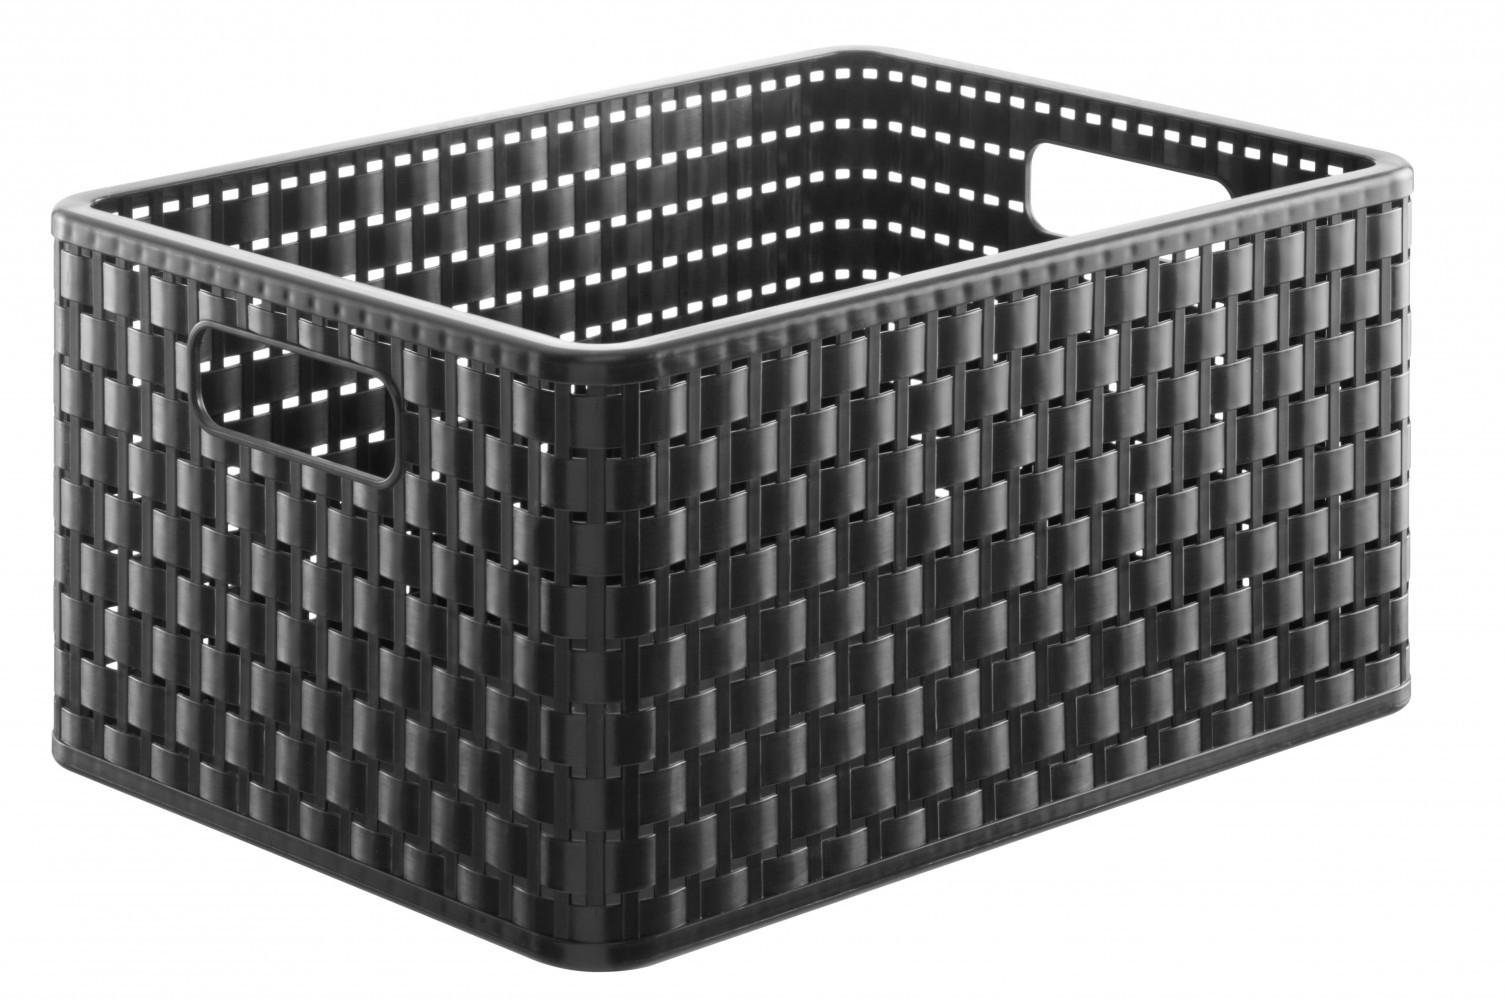 Bac SUNDIS plastique noir l.27.8 x P.36.8 x H.19.1 cm cm, 18 l